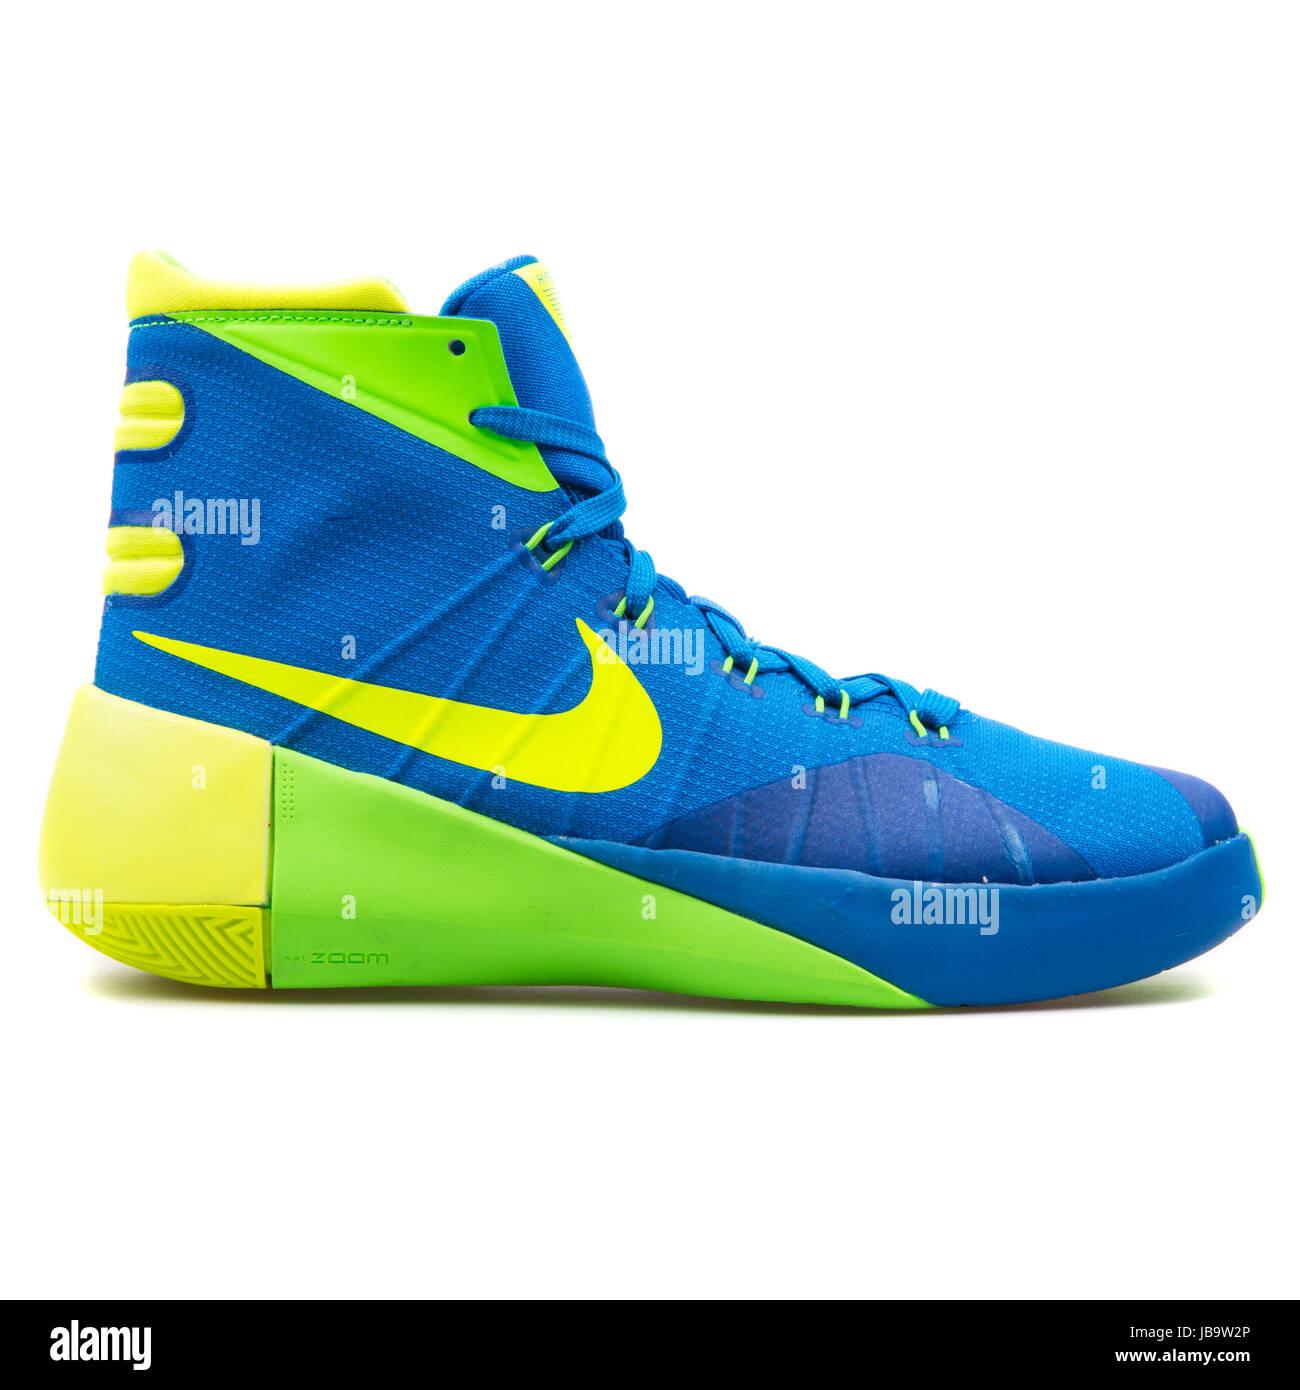 bb1c2fd93e0f Nike Hyperdunk 2015 (GS) Blue